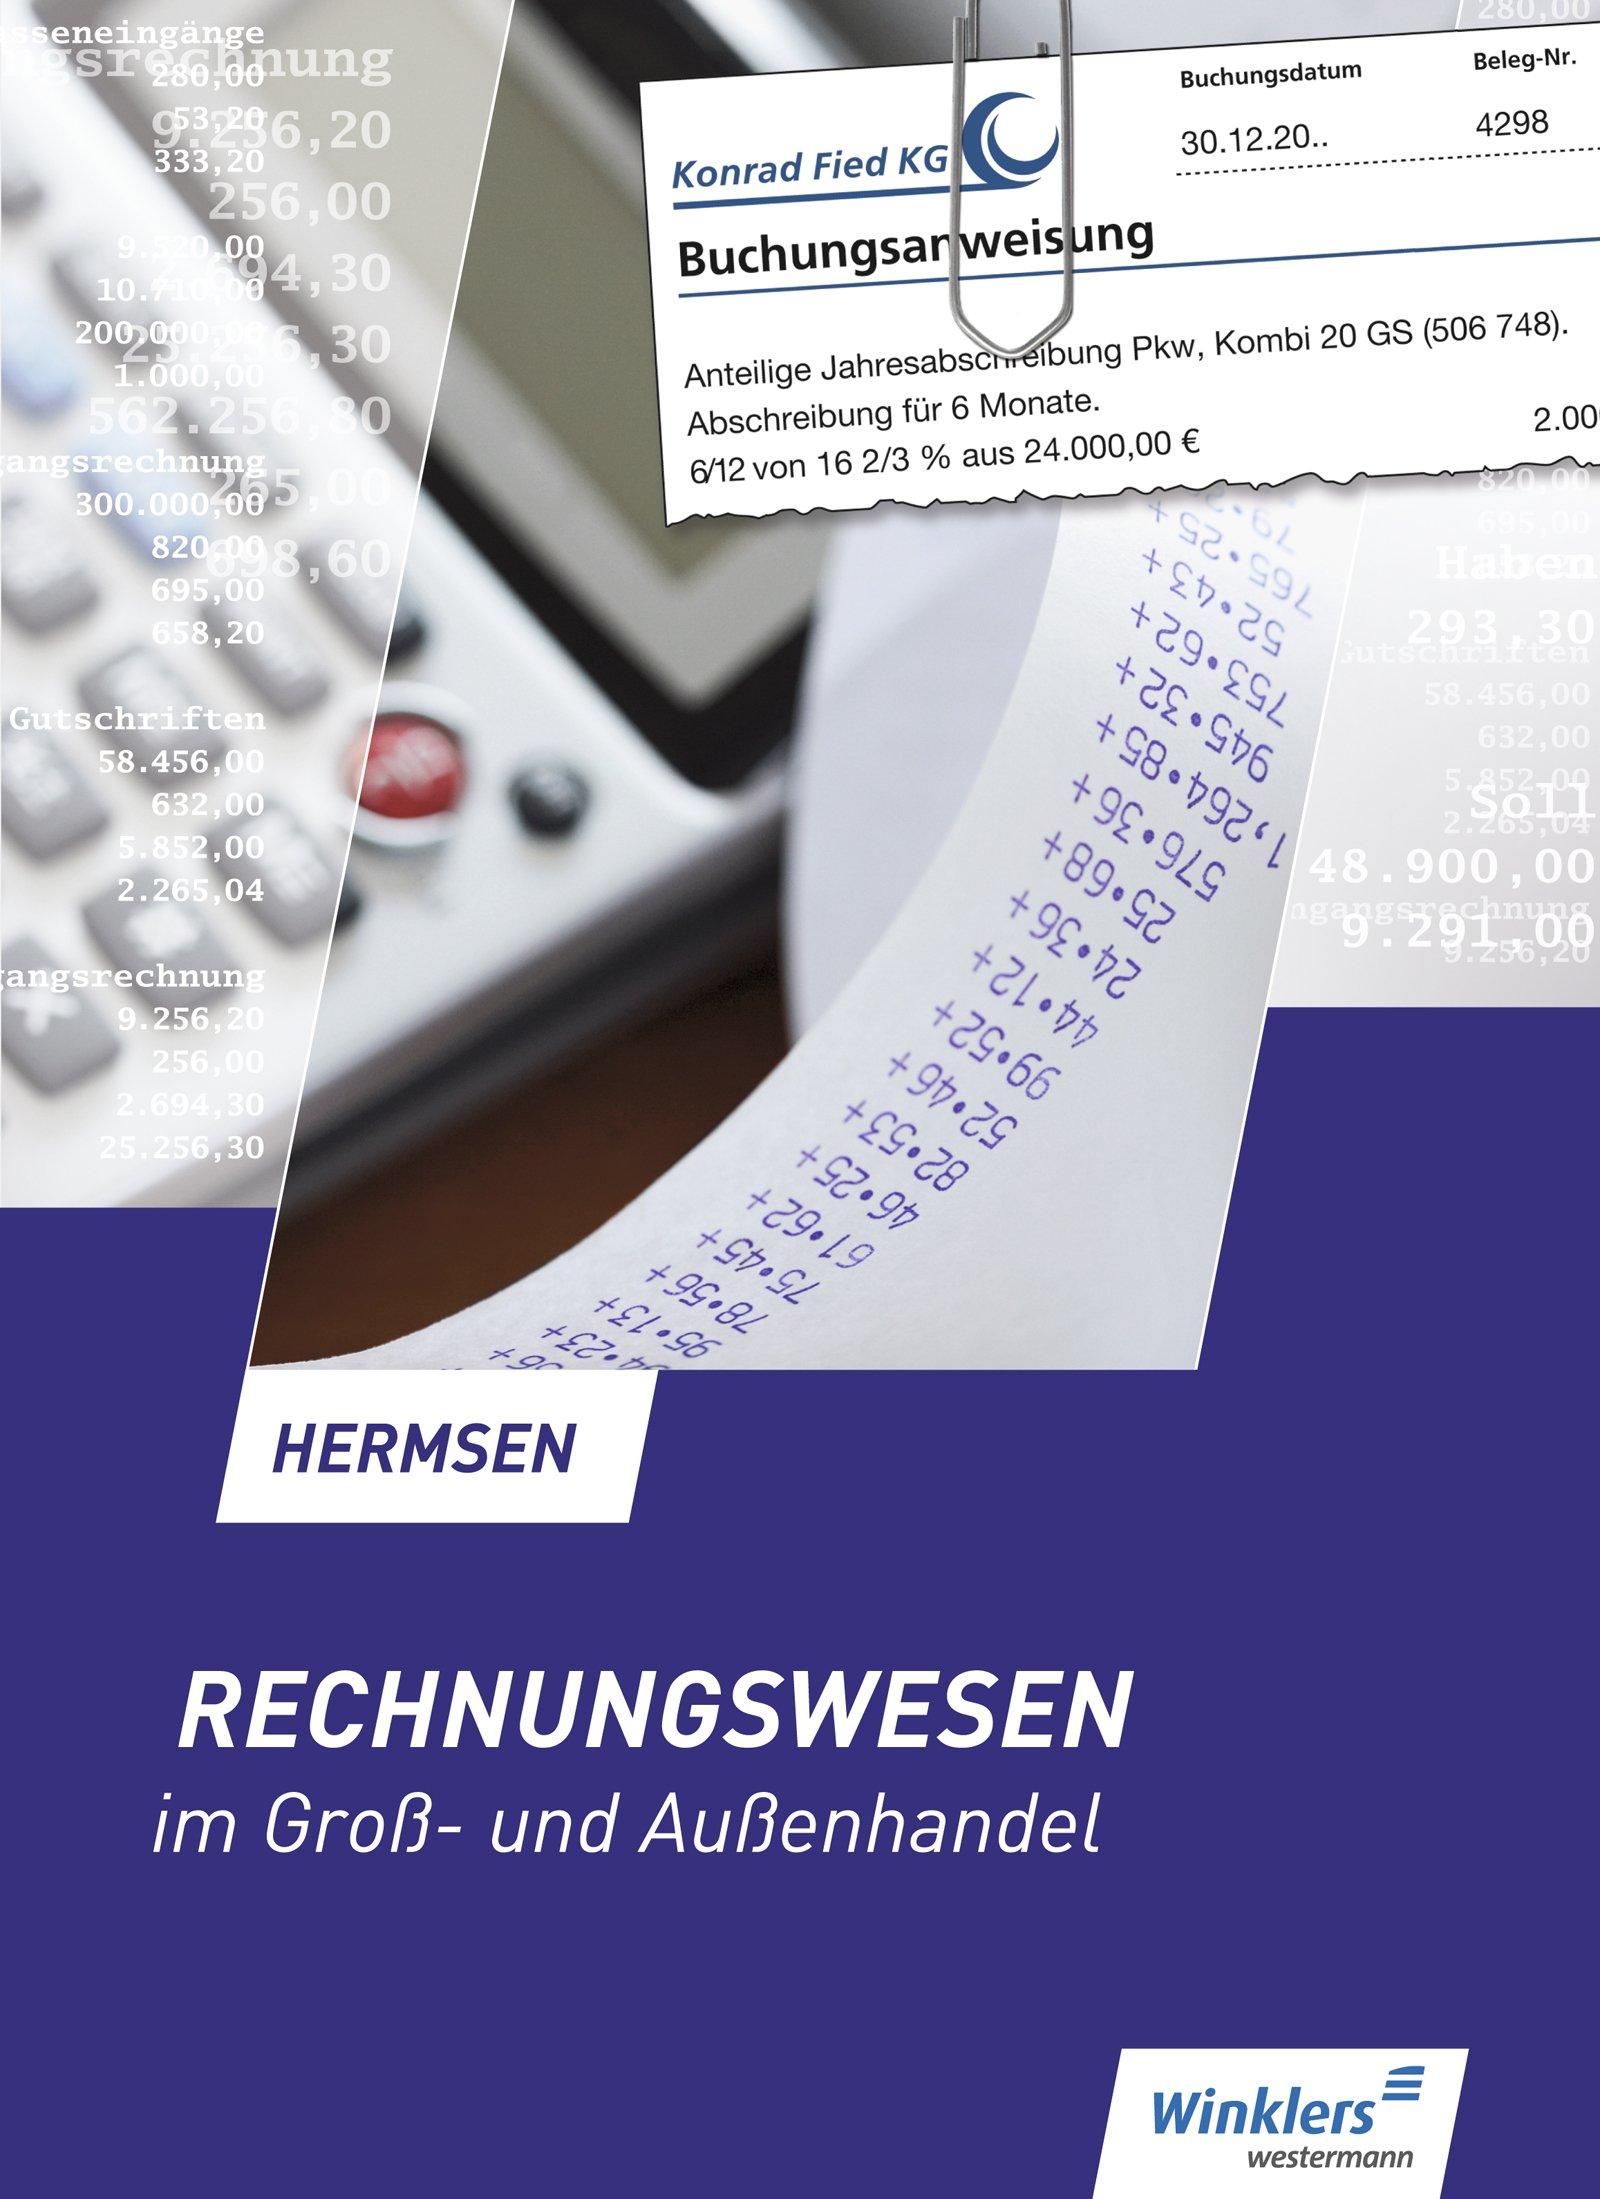 Rechnungswesen im Groß- und Außenhandel: Schülerband Gebundenes Buch – 1. Mai 2017 Jürgen Hermsen 380456772X Baden-Württemberg Bayern